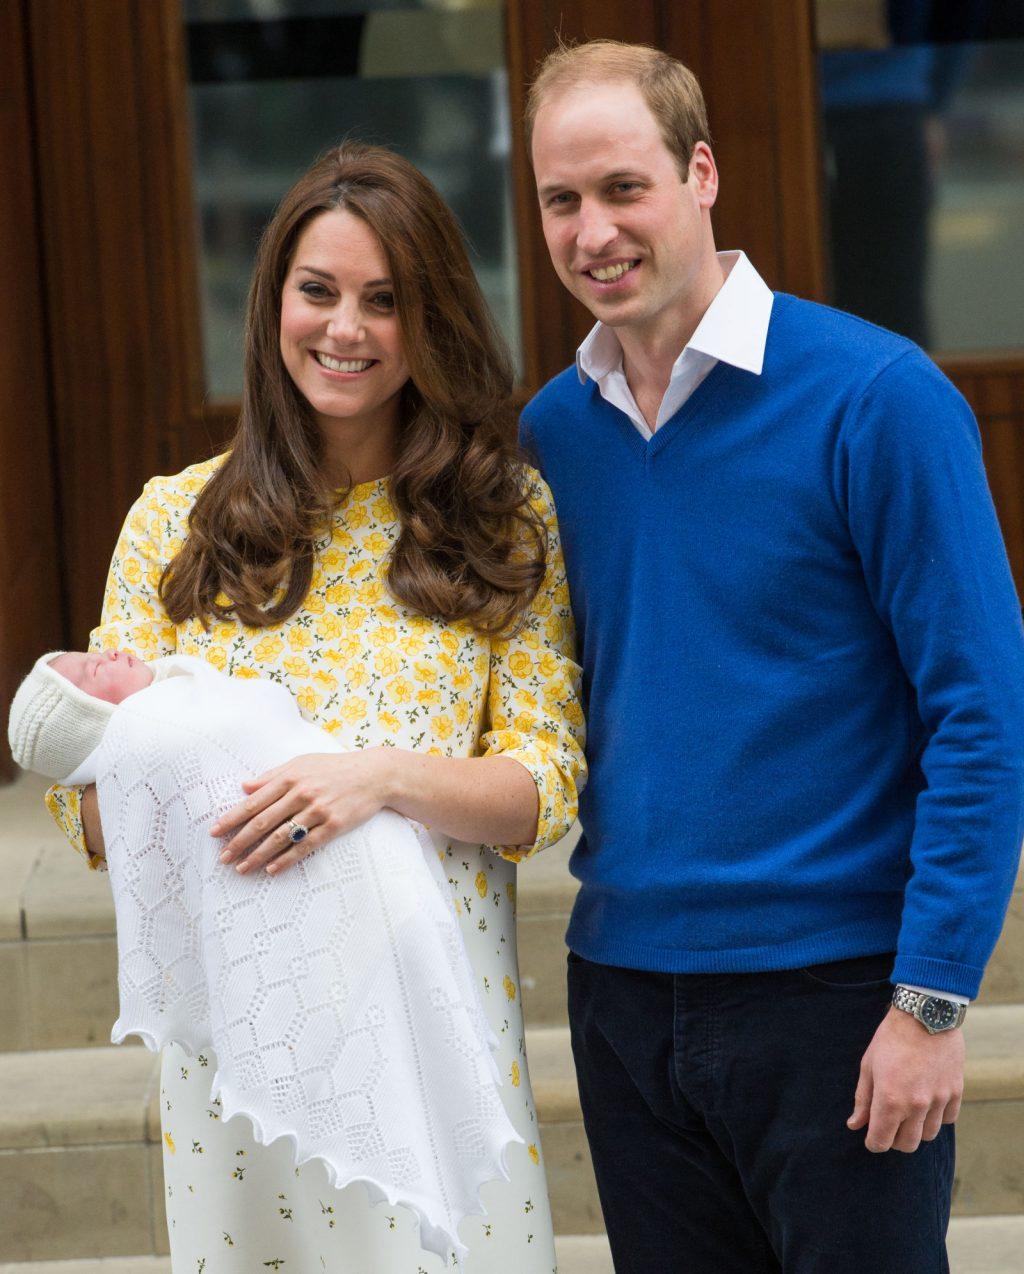 Sức ảnh hưởng của công chúa Charlotte